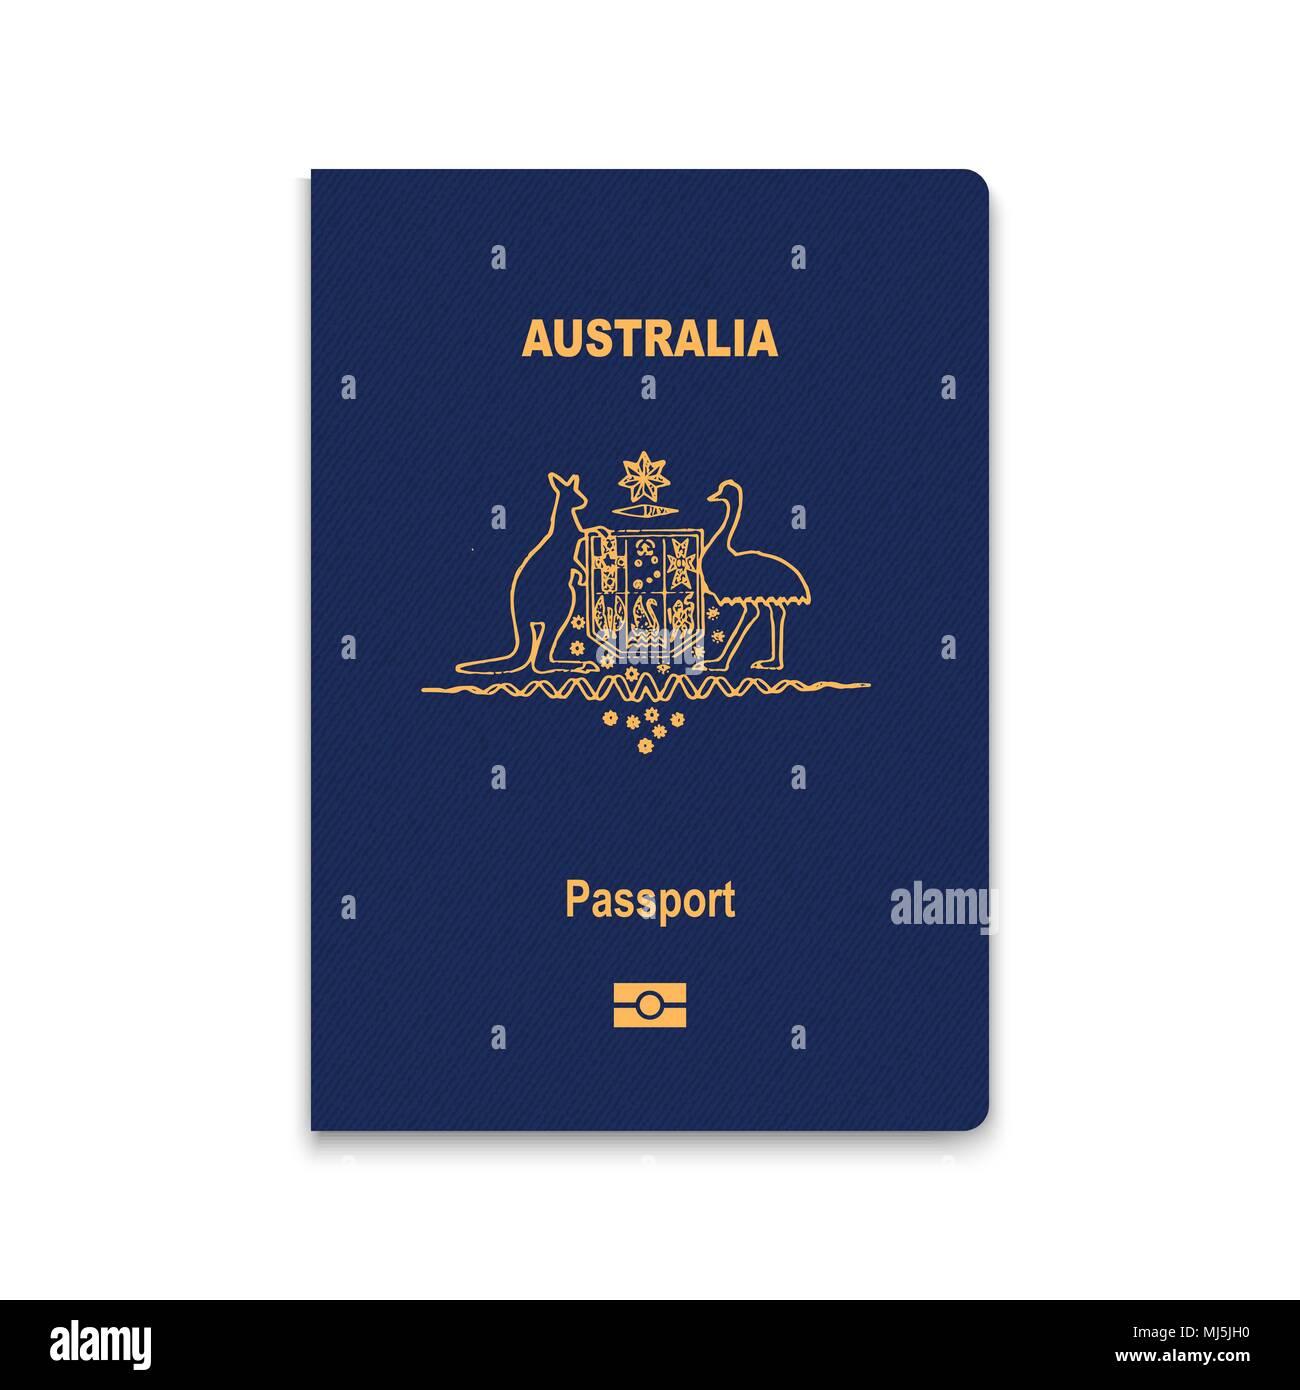 Passport of Australia. Vector illustration - Stock Image